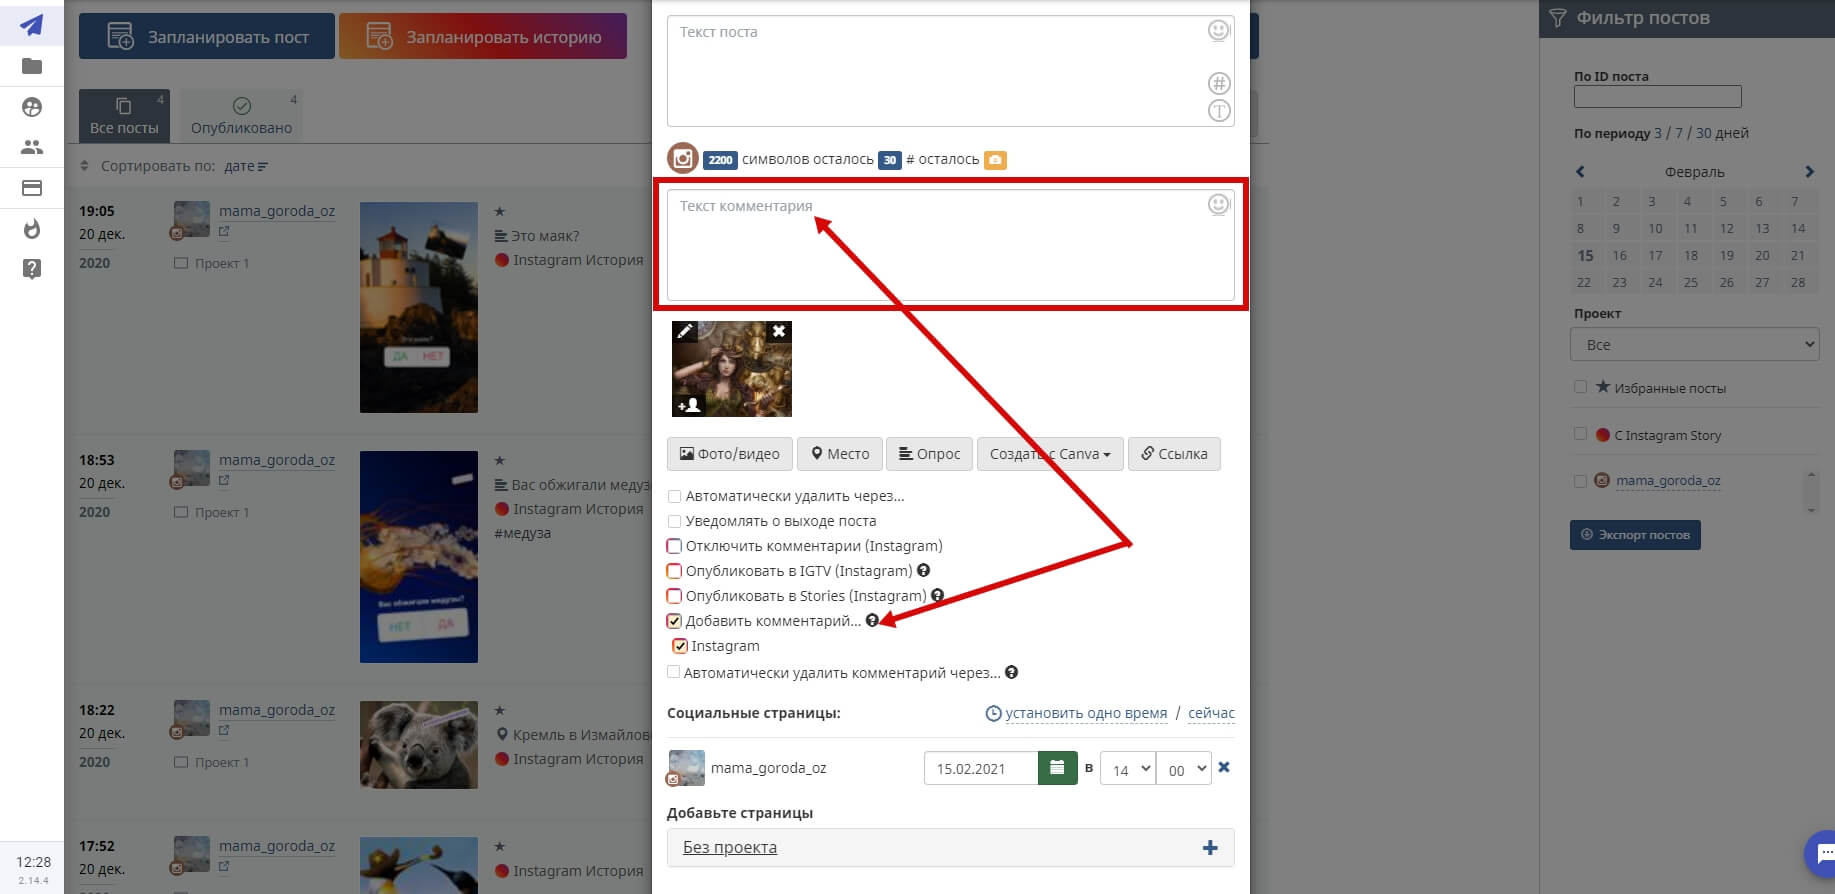 Появилось дополнительное окно для текста, который в момент публикации поста будет находится в первом комментарии. Здесь можно разместить 30 хэштегов, 2200 символов, но при этом на пост и комментарий должно приходиться не больше 30 хэштегов и 10 отметок аккаунта